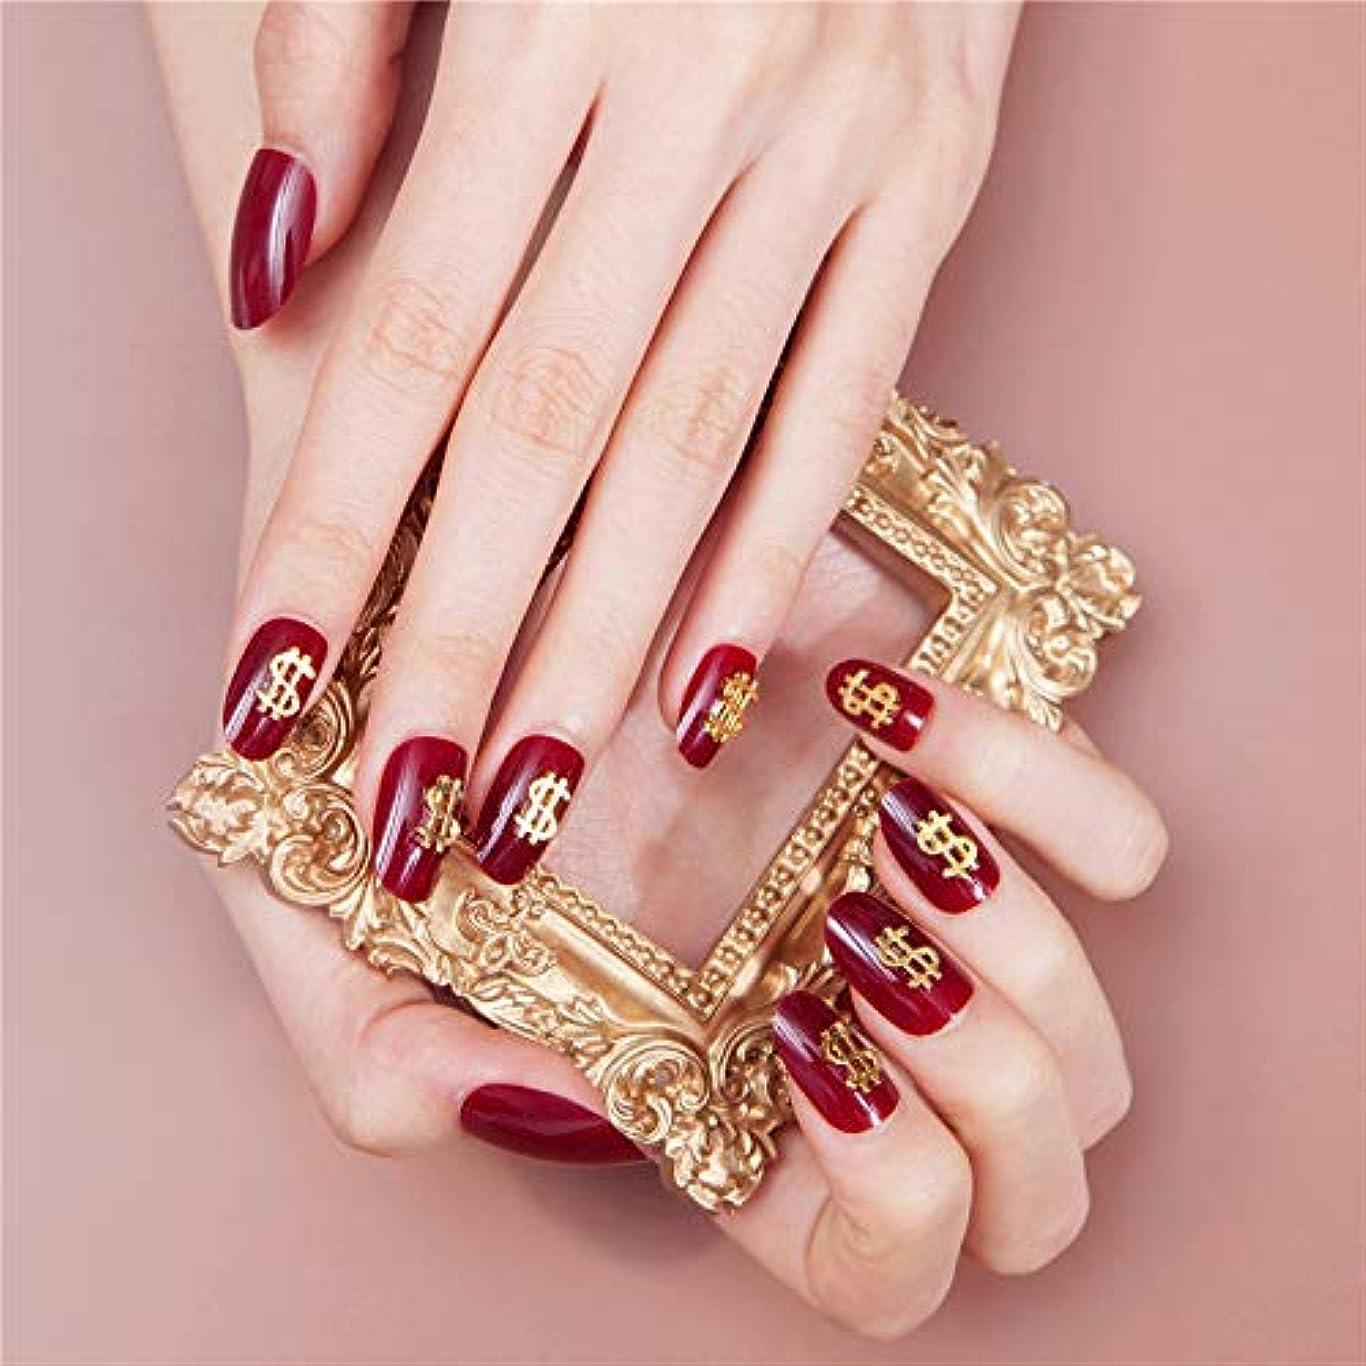 民族主義恋人フォアマンinsで流行る付け爪 お花嫁用付け爪 ネイルチップ ドル記号の装飾 (あかい)